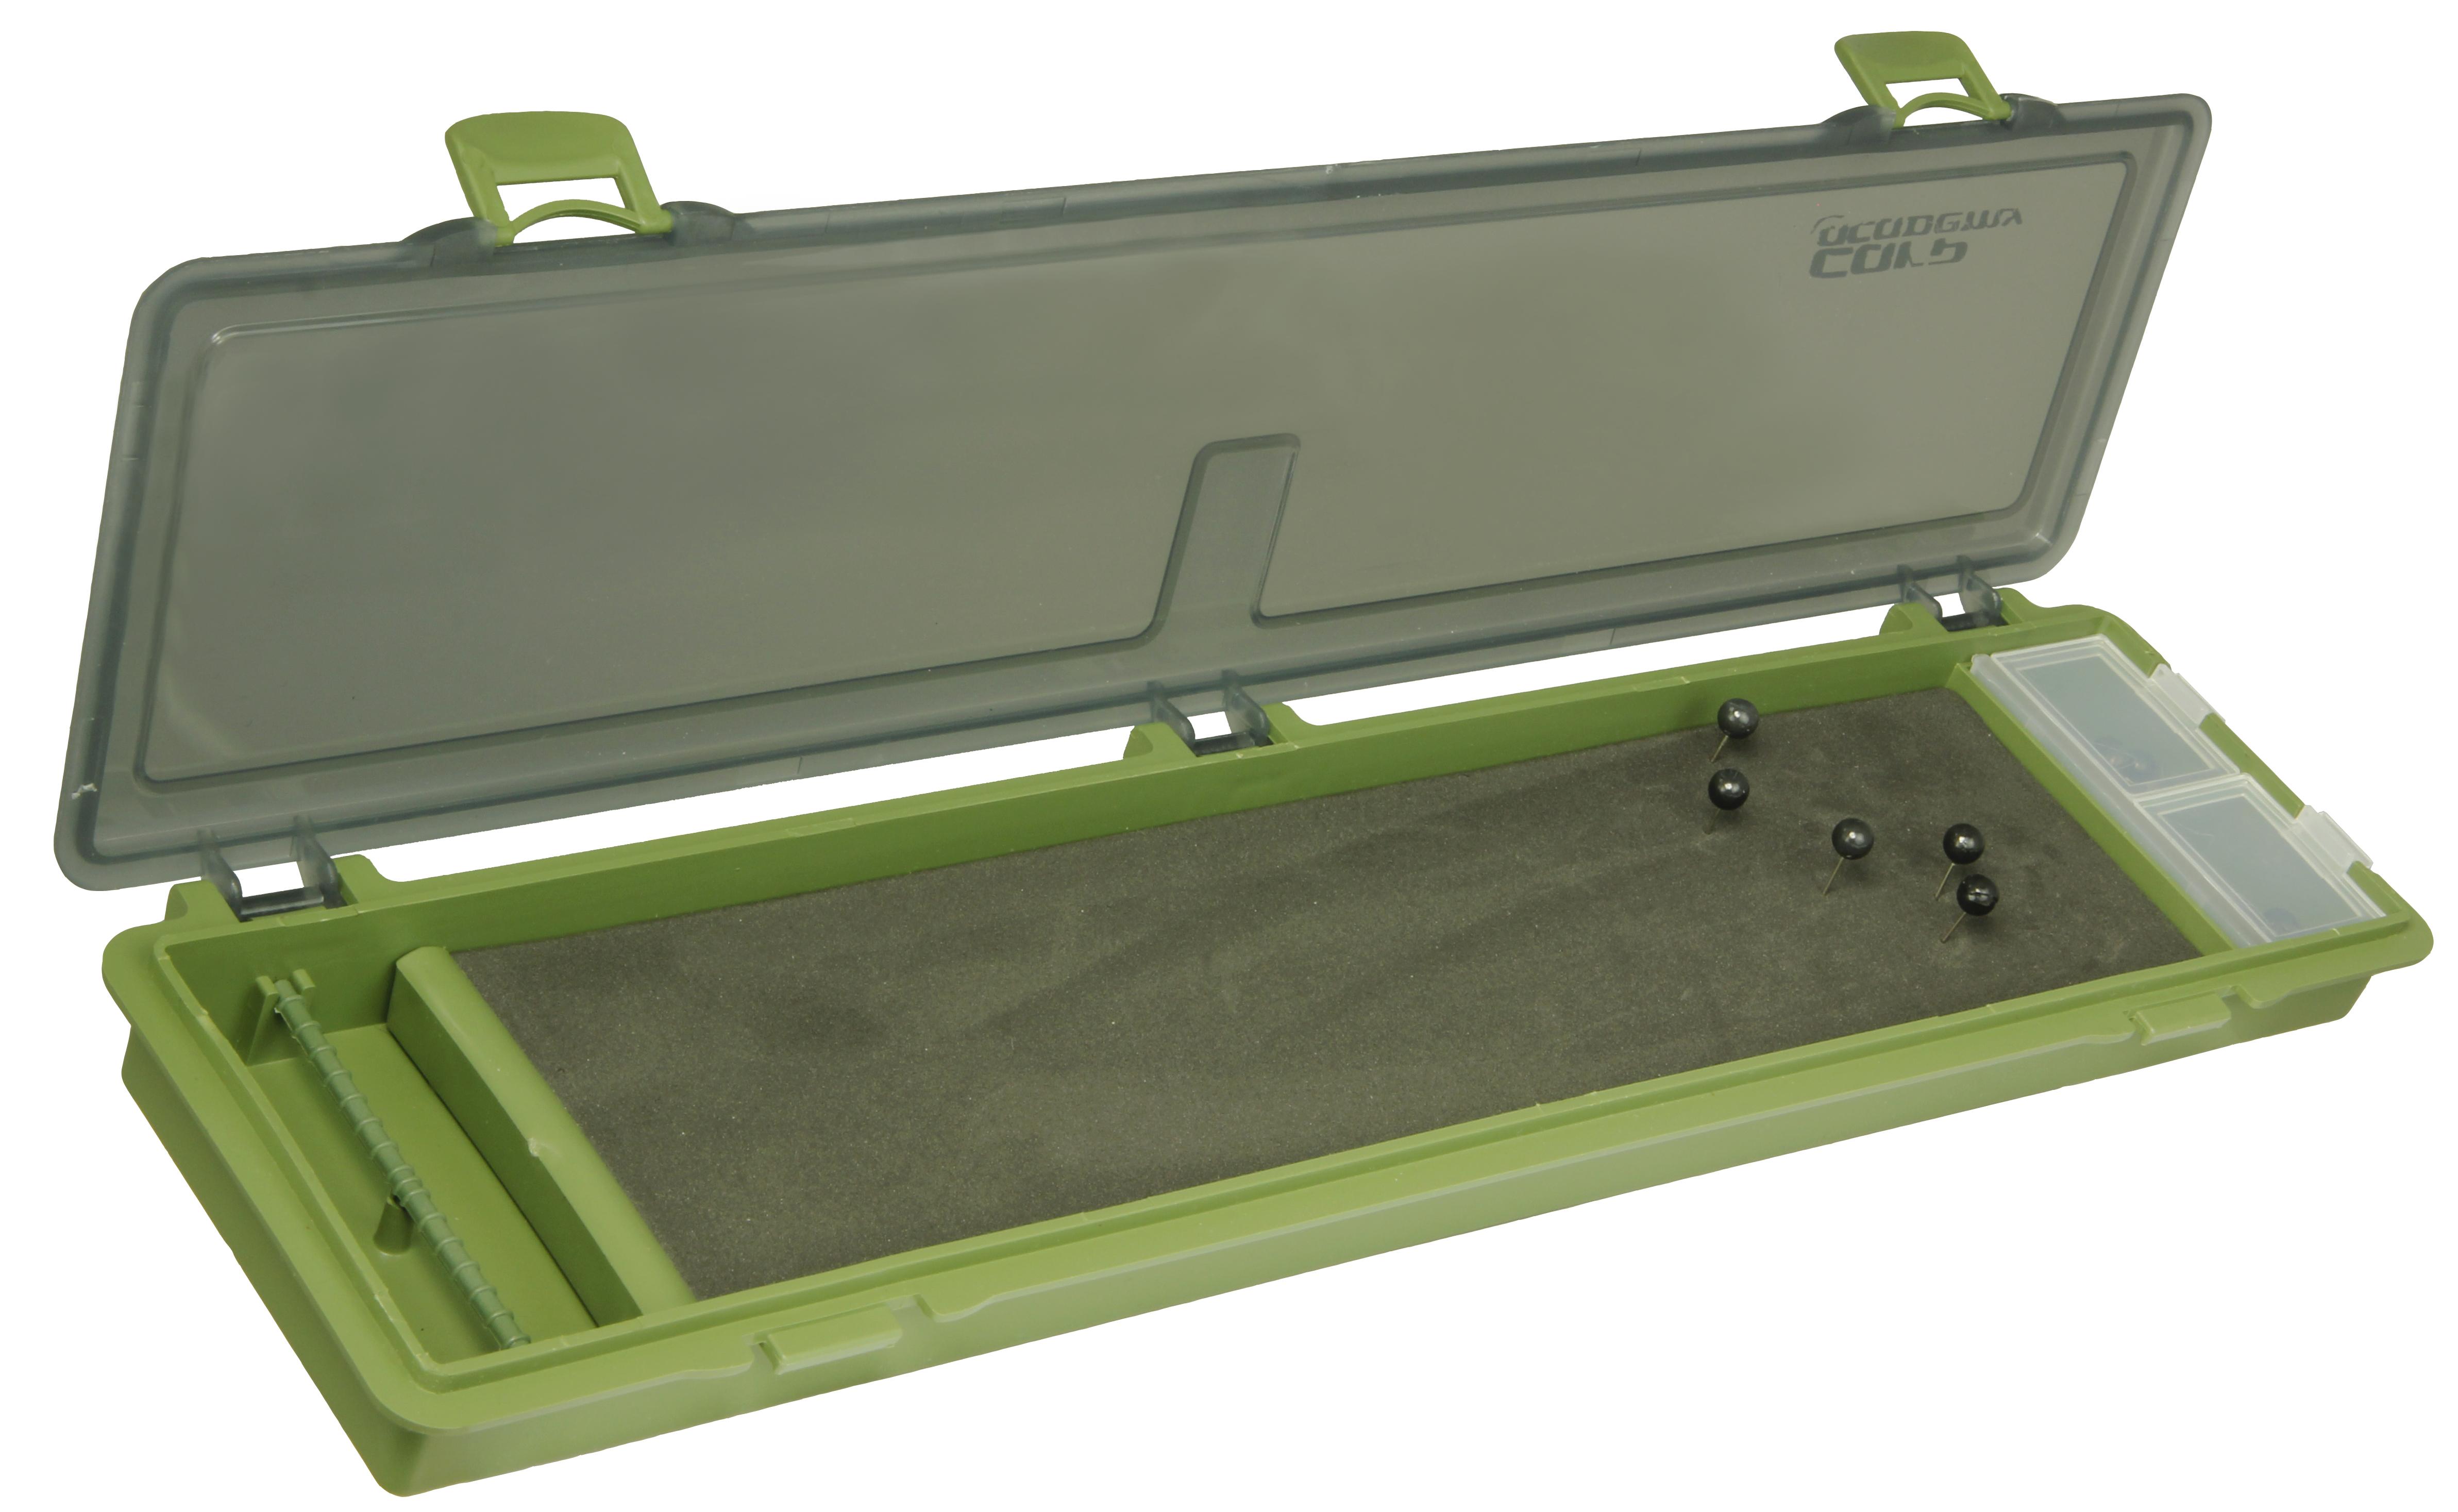 Elõketartó carp box 38x8cm